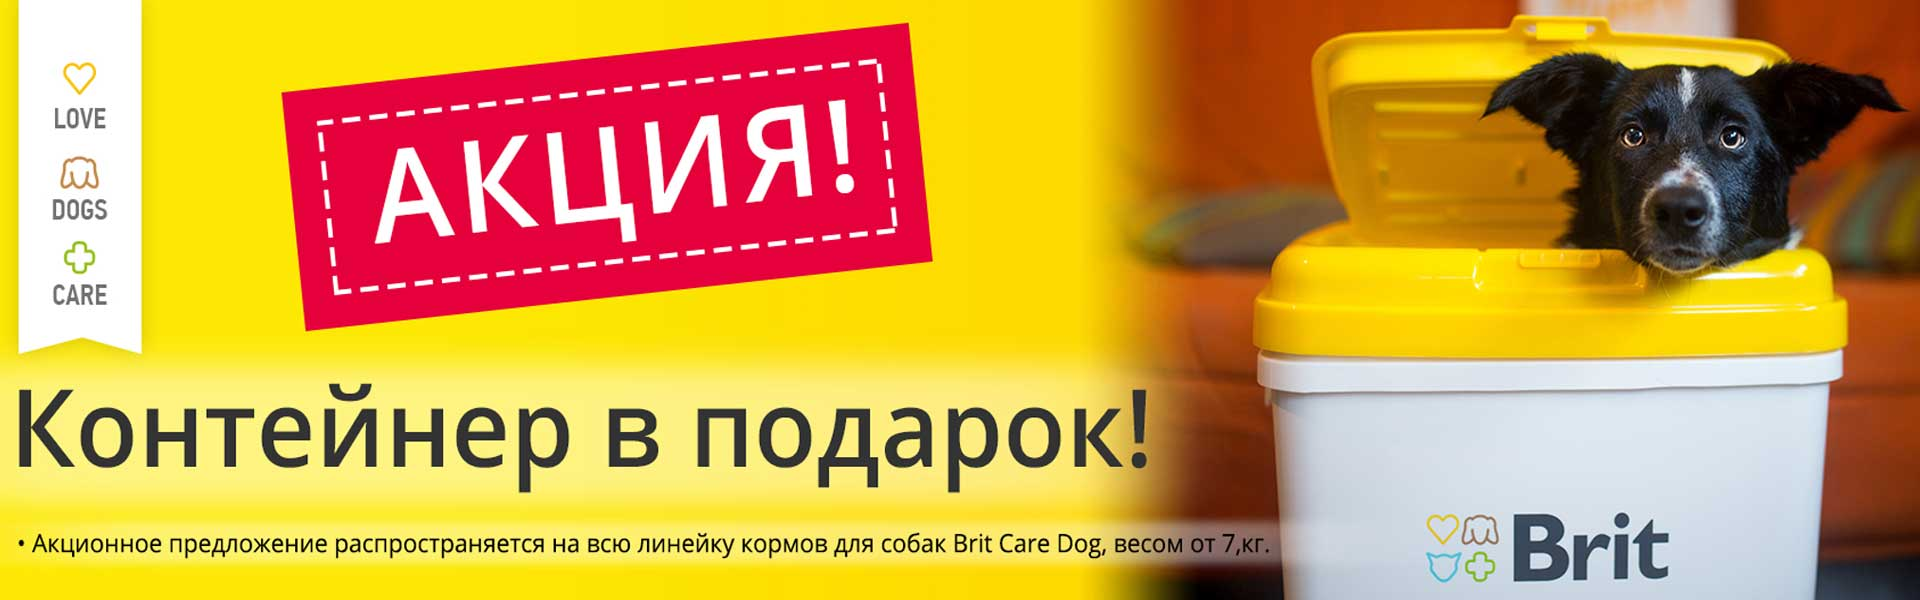 Brit Care контейнер в подарок